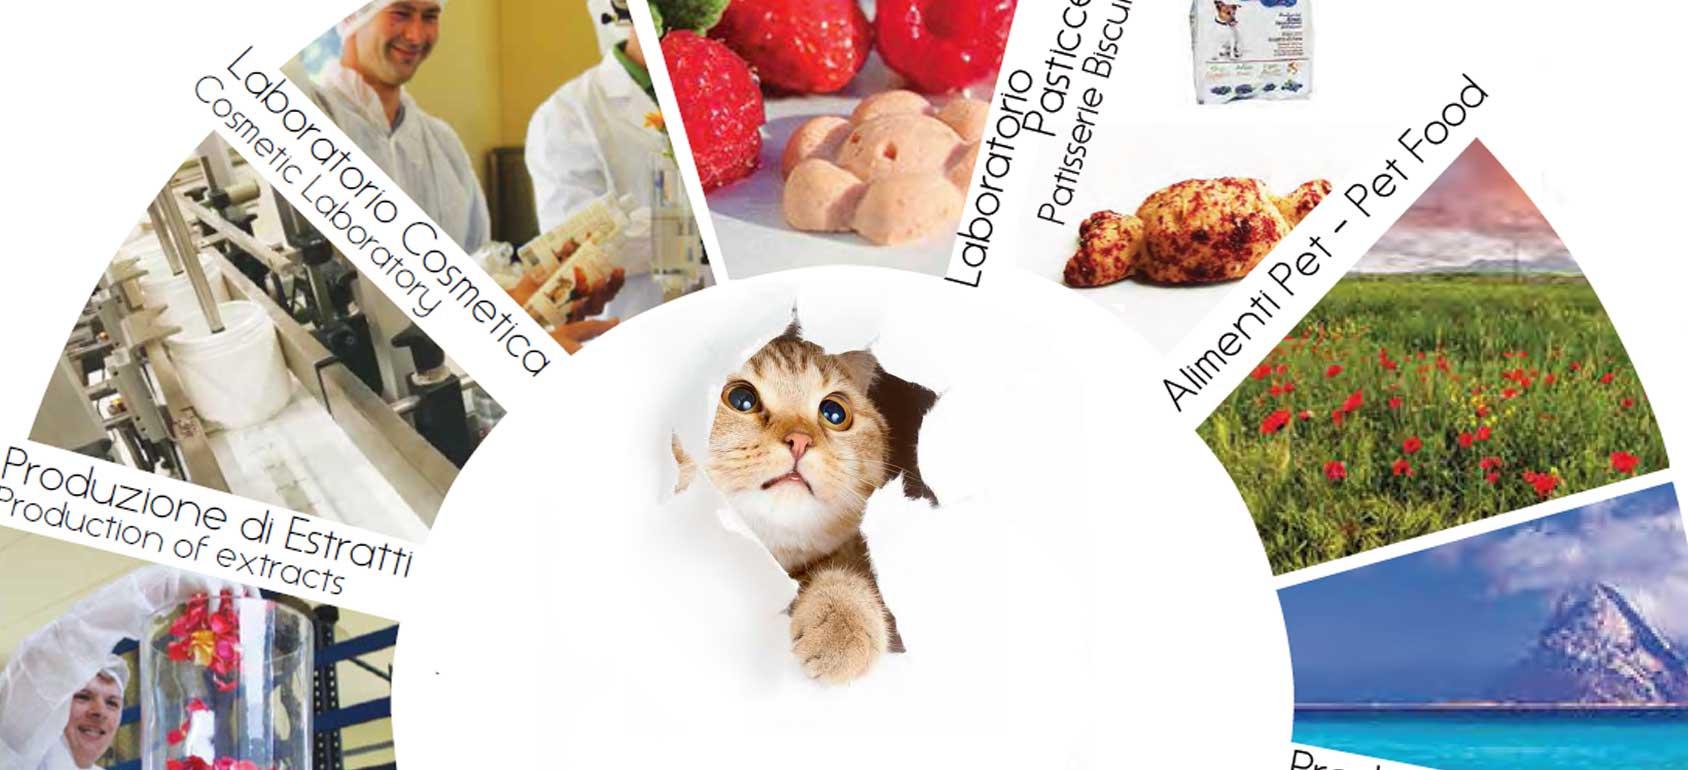 dalla_gatto banner 圖片